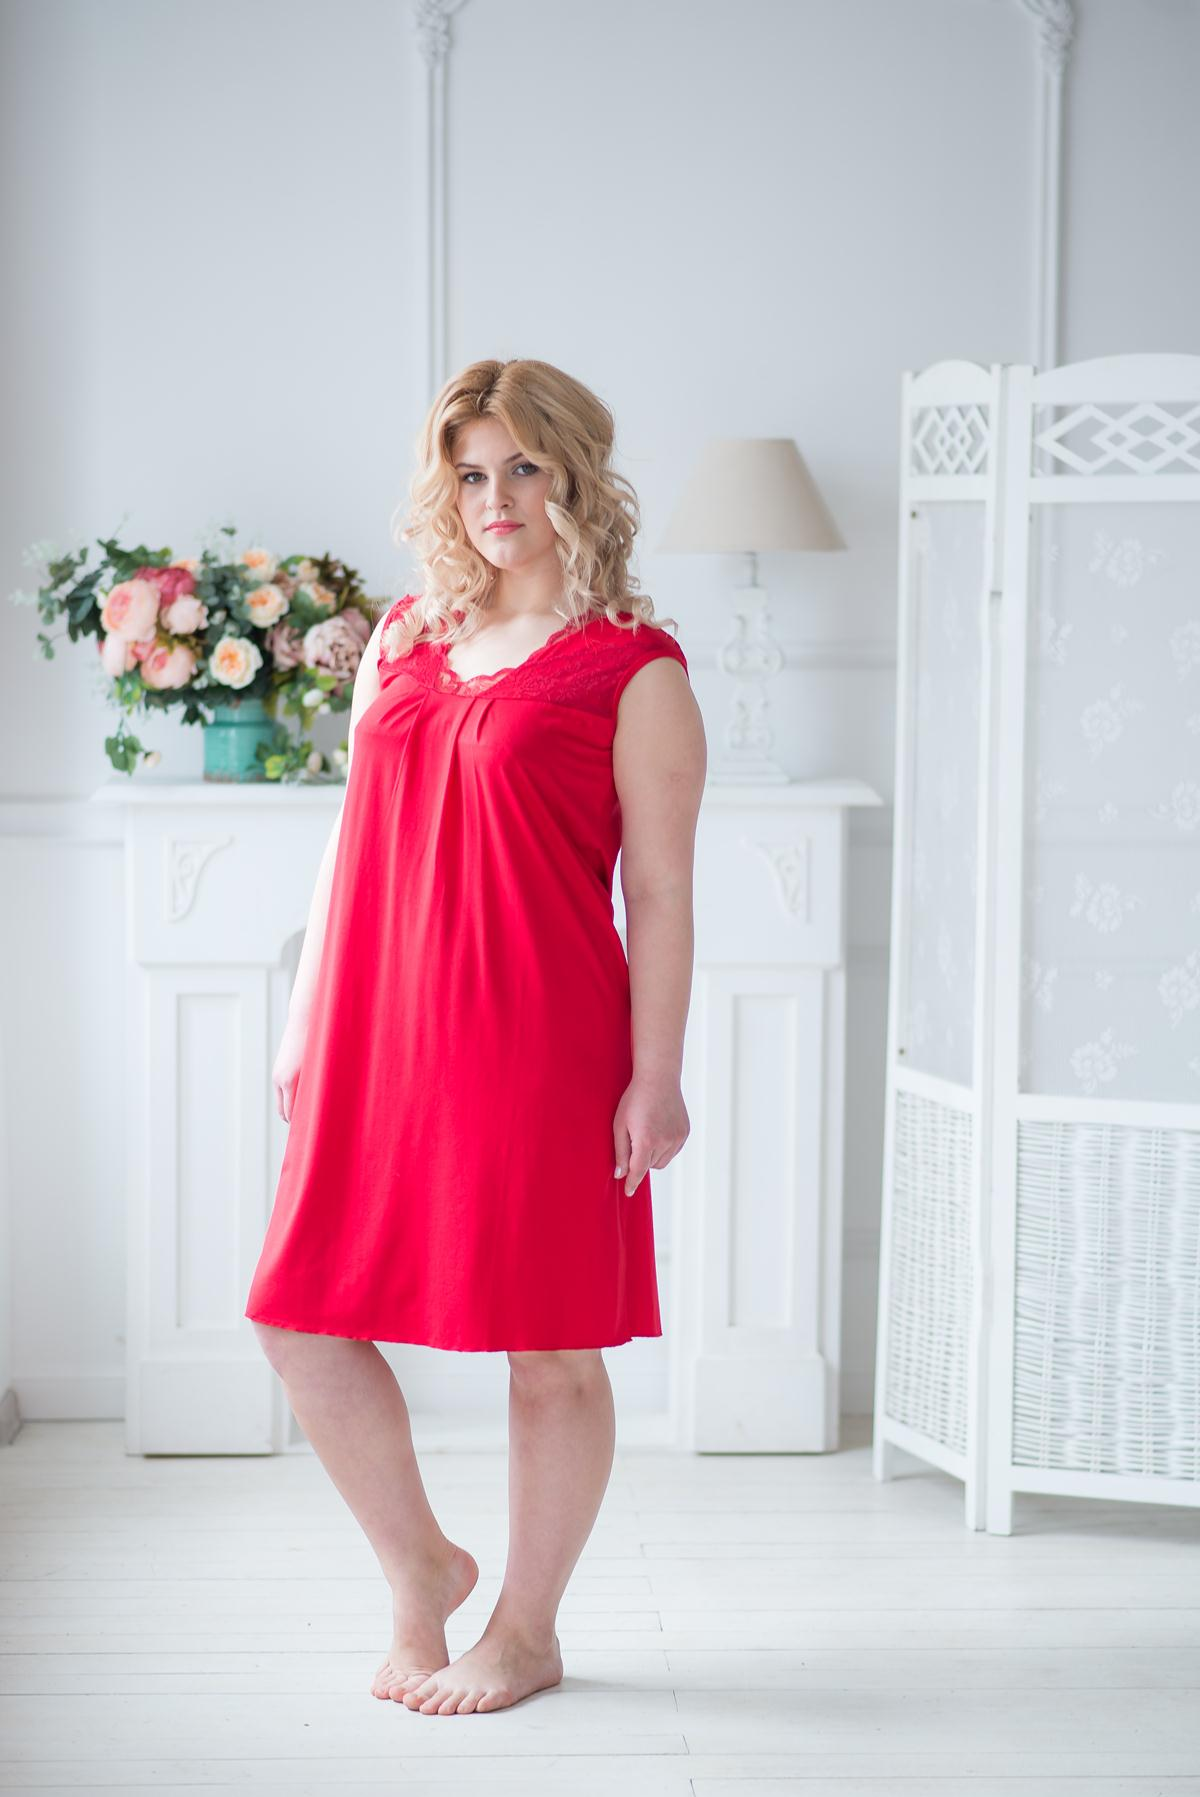 Жен. сорочка арт. 19-0041 Красный р. 50Ночные сорочки<br>Факт. ОГ: 96 см <br>Факт. ОТ: 104 см <br>Факт. ОБ: 112 см <br>Длина по спинке: 103 см<br><br>Тип: Жен. сорочка<br>Размер: 50<br>Материал: Вискоза